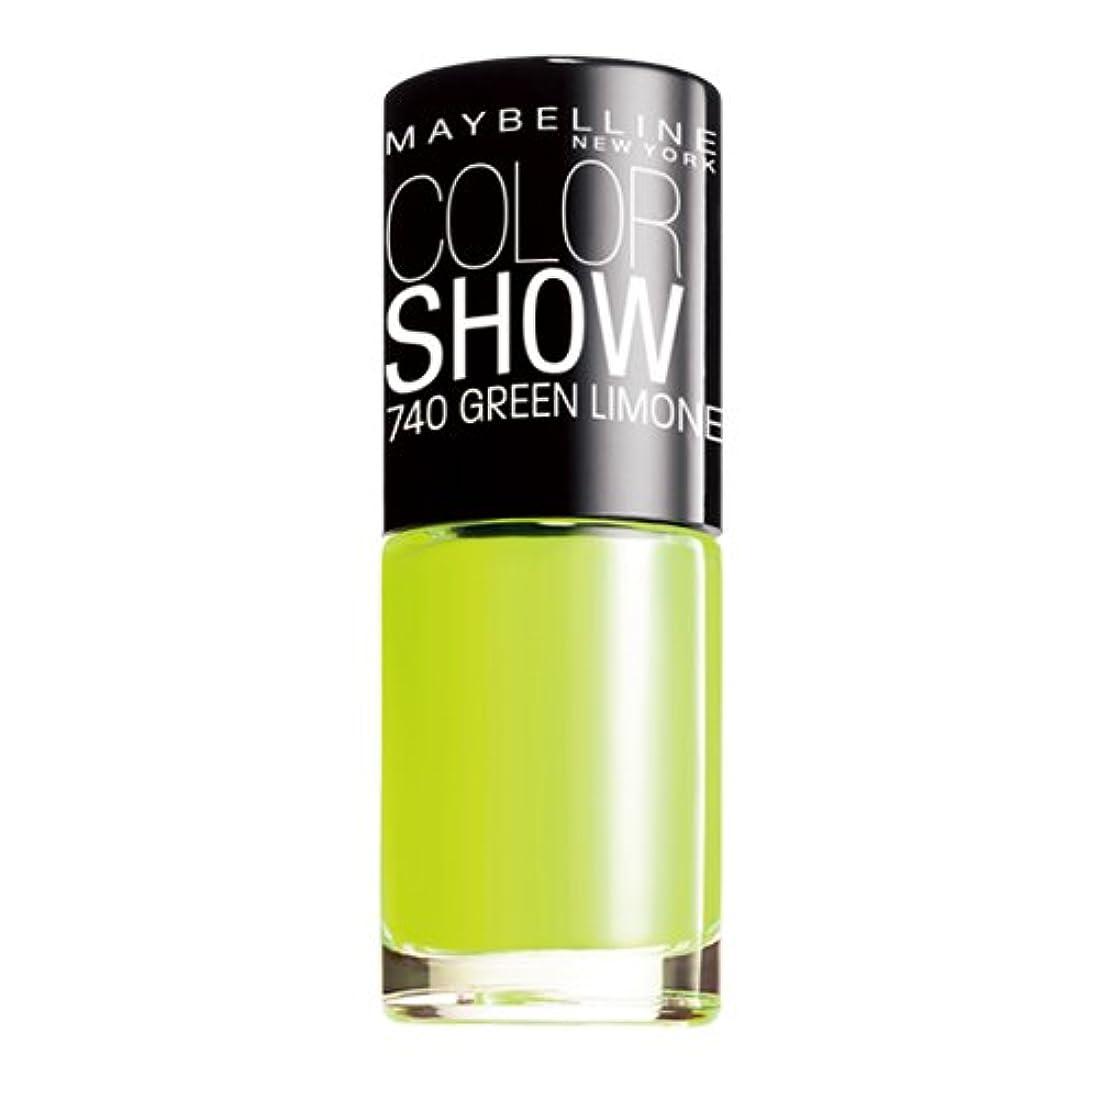 あたりバイソン厳密にメイベリン カラー ショー ネイル B 740 グリーン リモーネ